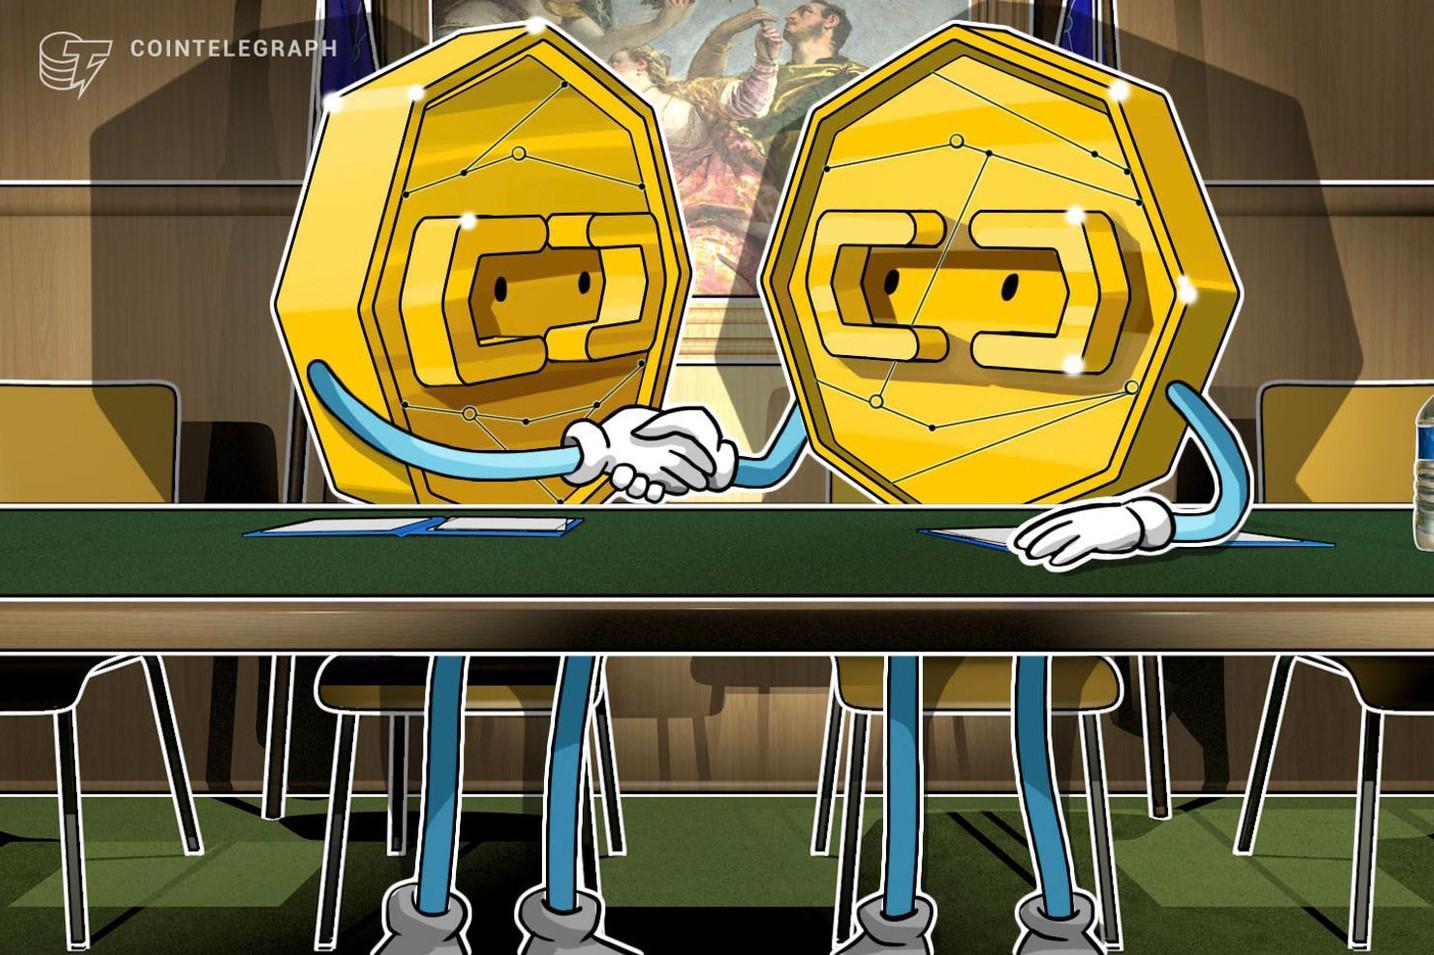 仮想通貨交換業登録を目指すFXcoin、SBIから資金調達